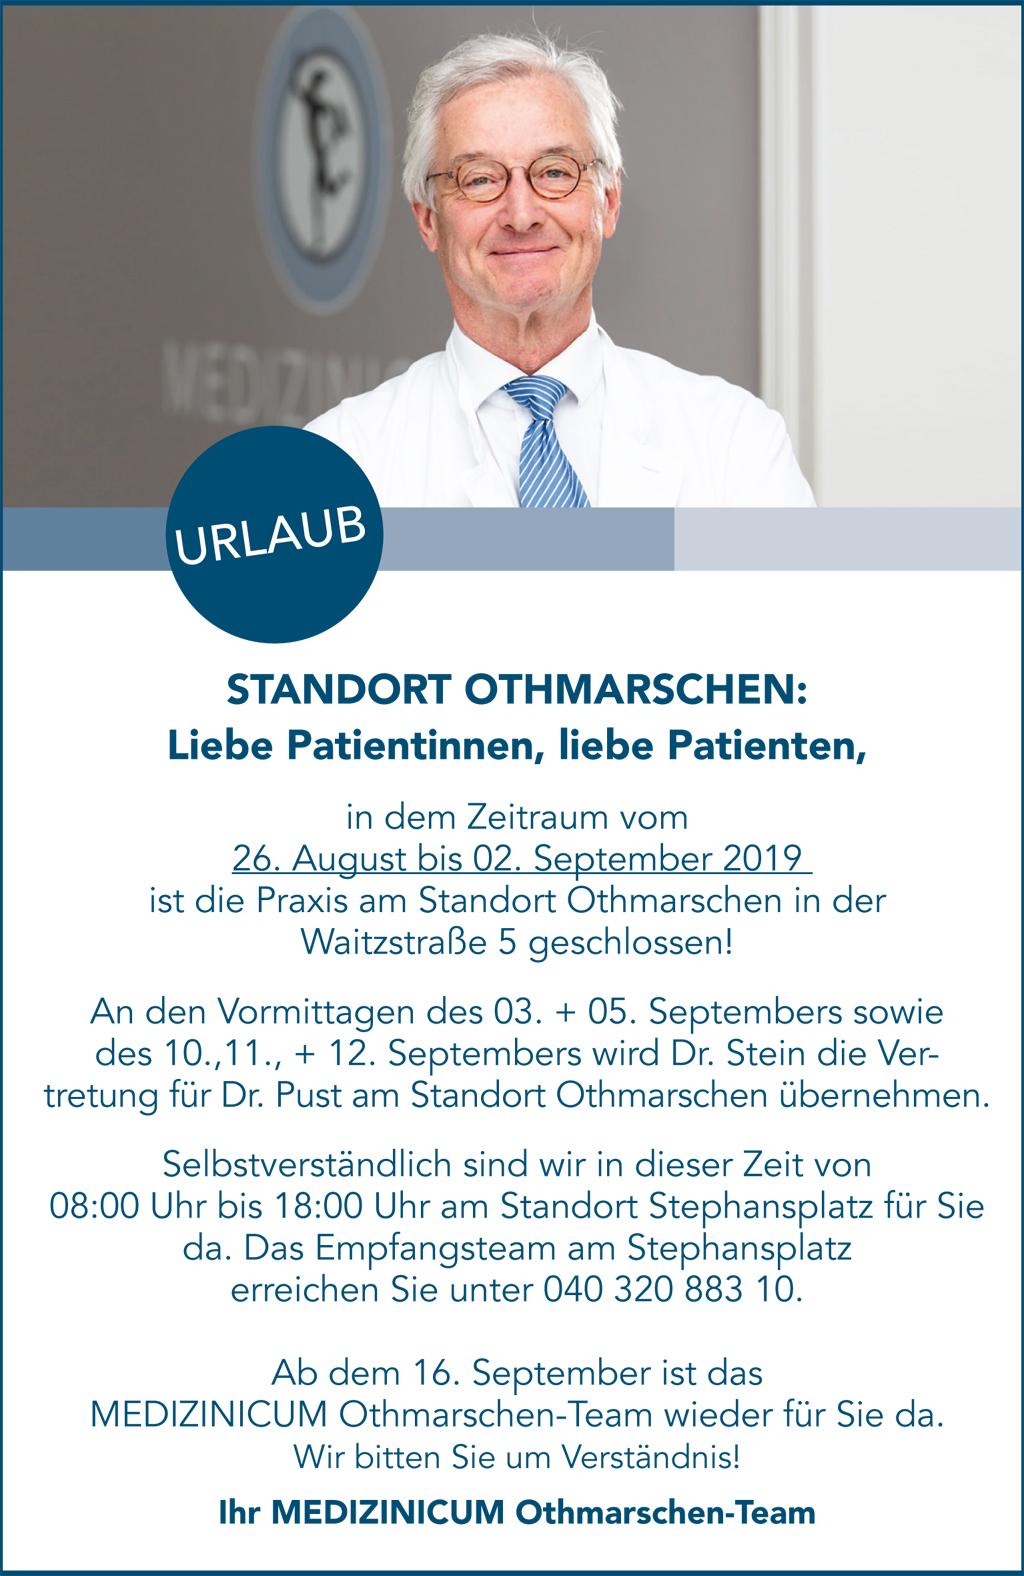 Standort Othmarschen Urlaub PopUp Hinweis - MEDIZINICUM Hamburg